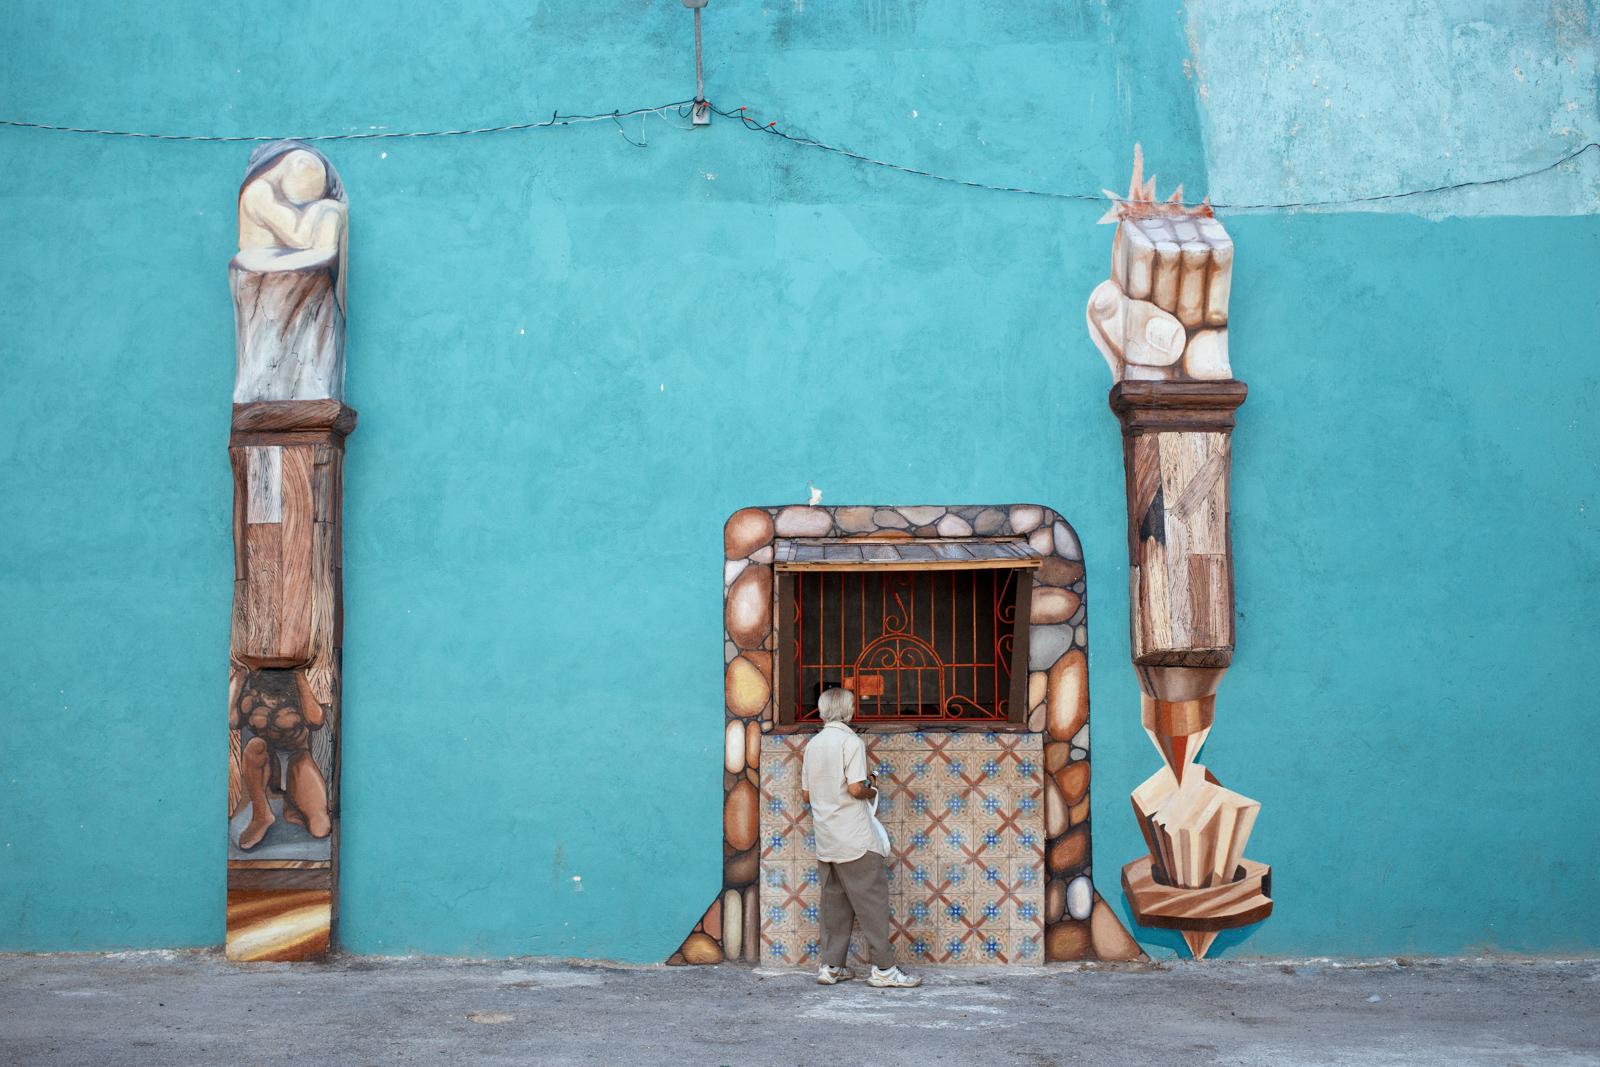 Havana Streets-Photos Bex Wade-4.jpg